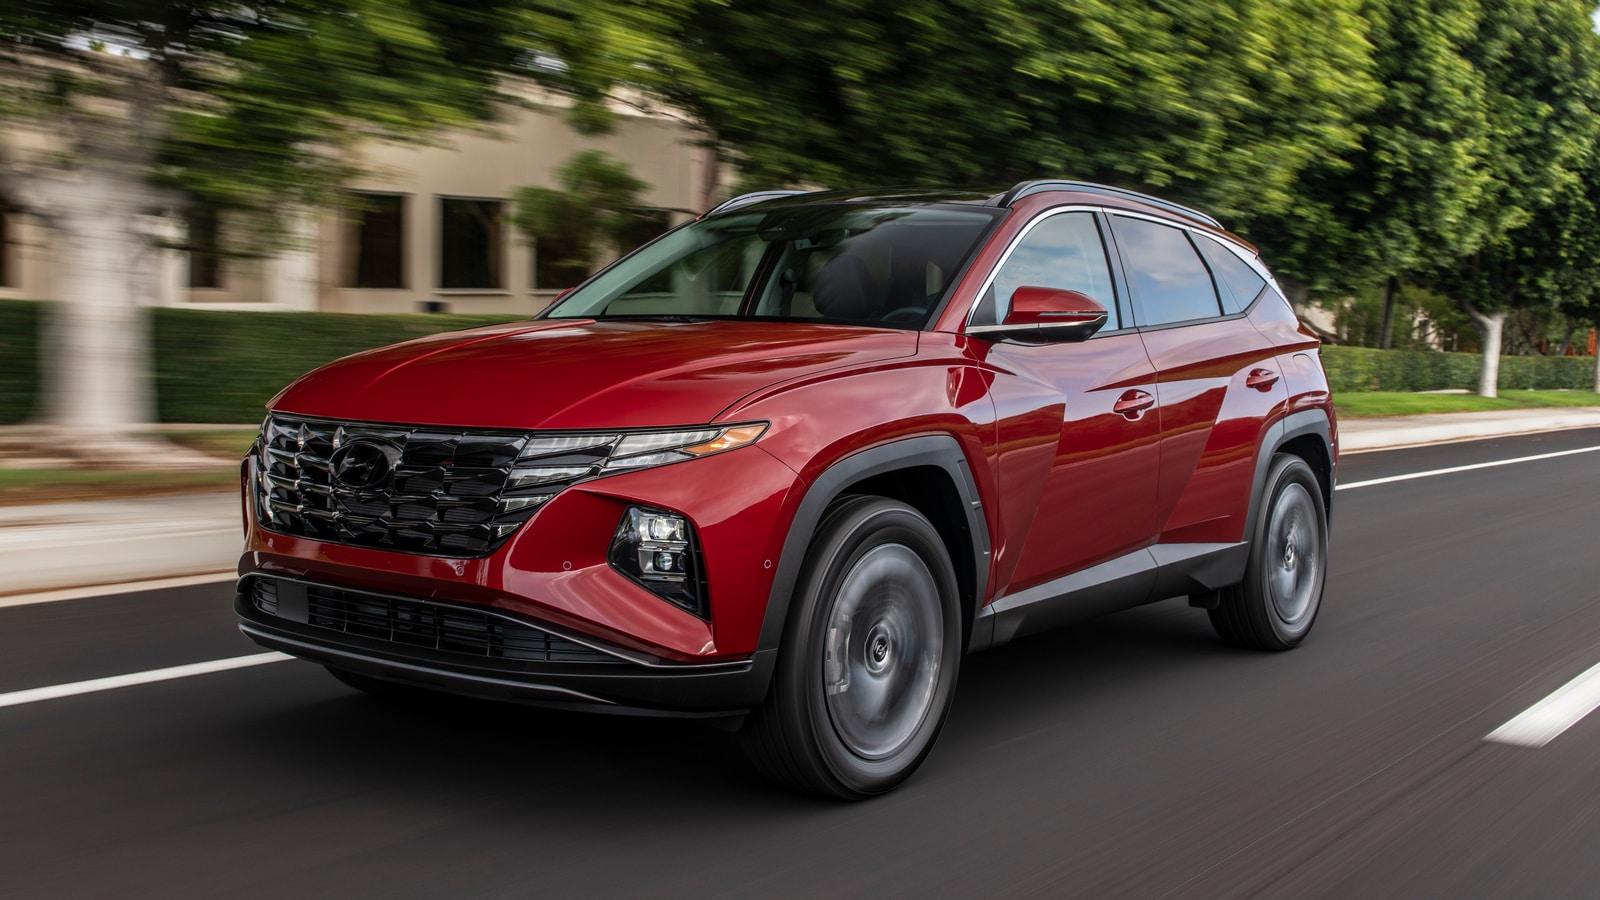 2022 Hyundai Tucson vs. 2022 Mitsubishi Eclipse Cross Comparison